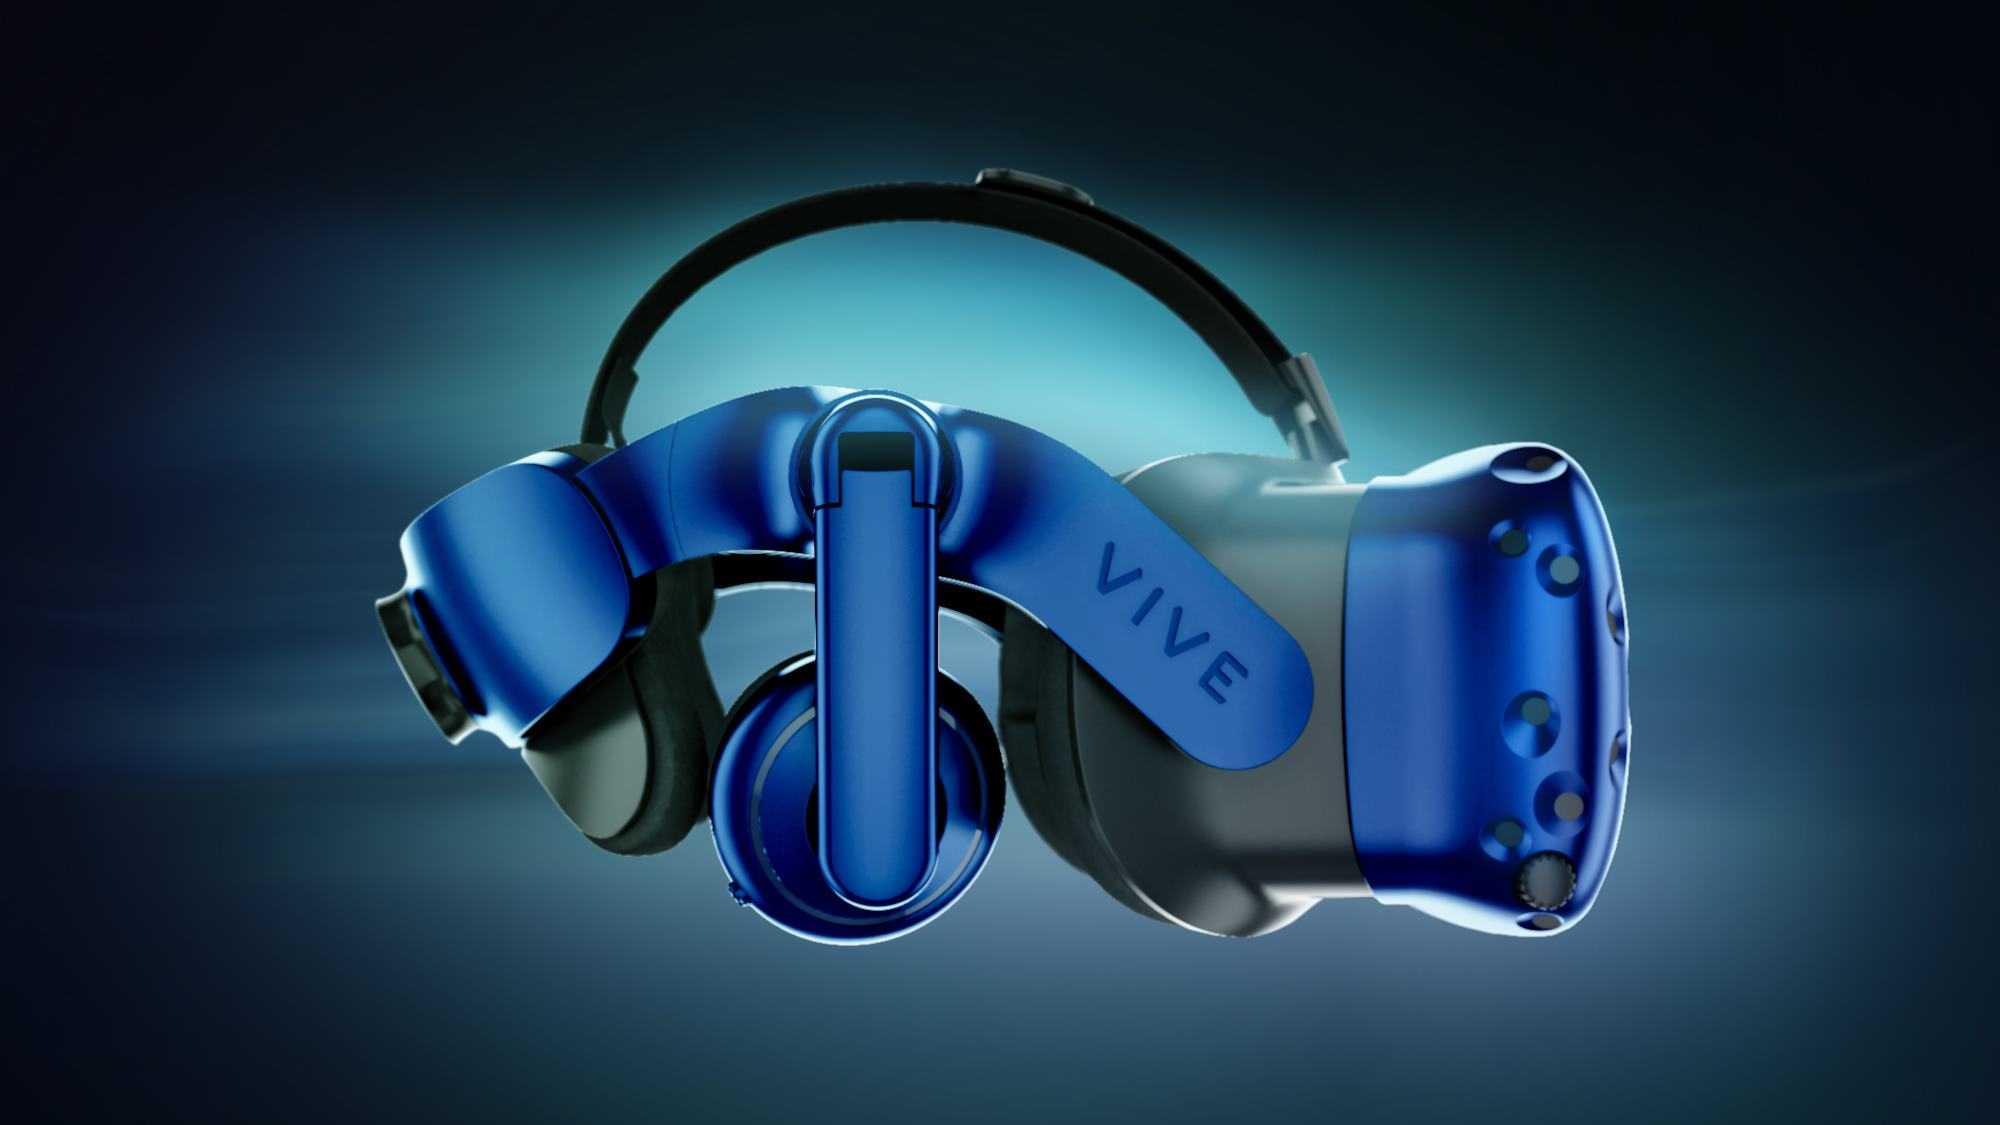 HTC Vive Pro: Preis bekannt und Vorbestellungen möglich